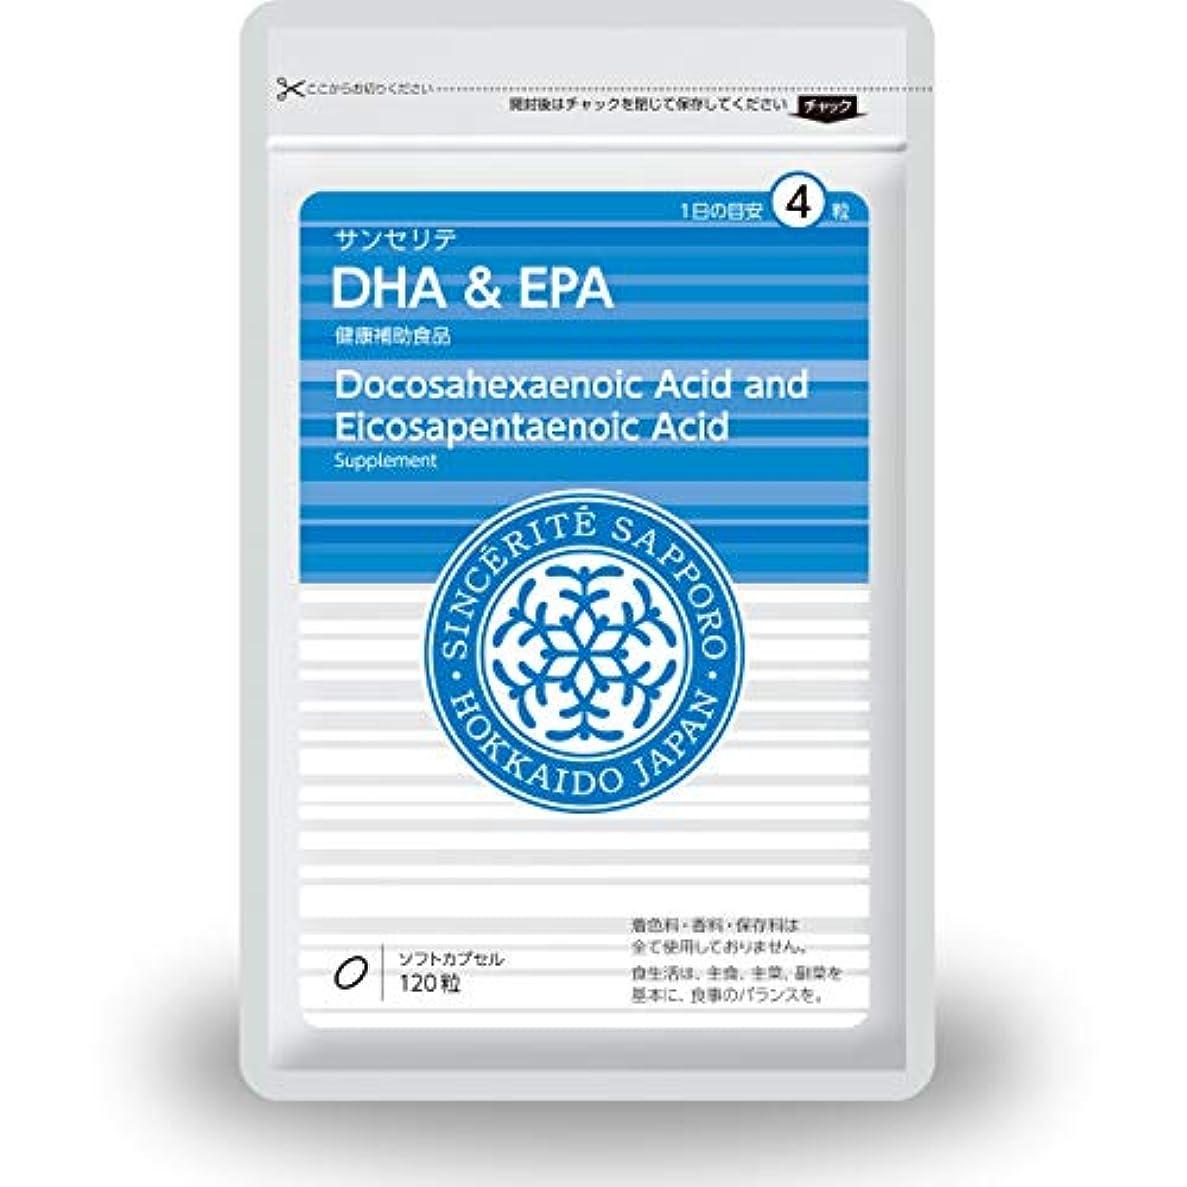 バーチャルギネス絵DHA&EPA[送料無料][DHA]433mg配合[国内製造]しっかり30日分